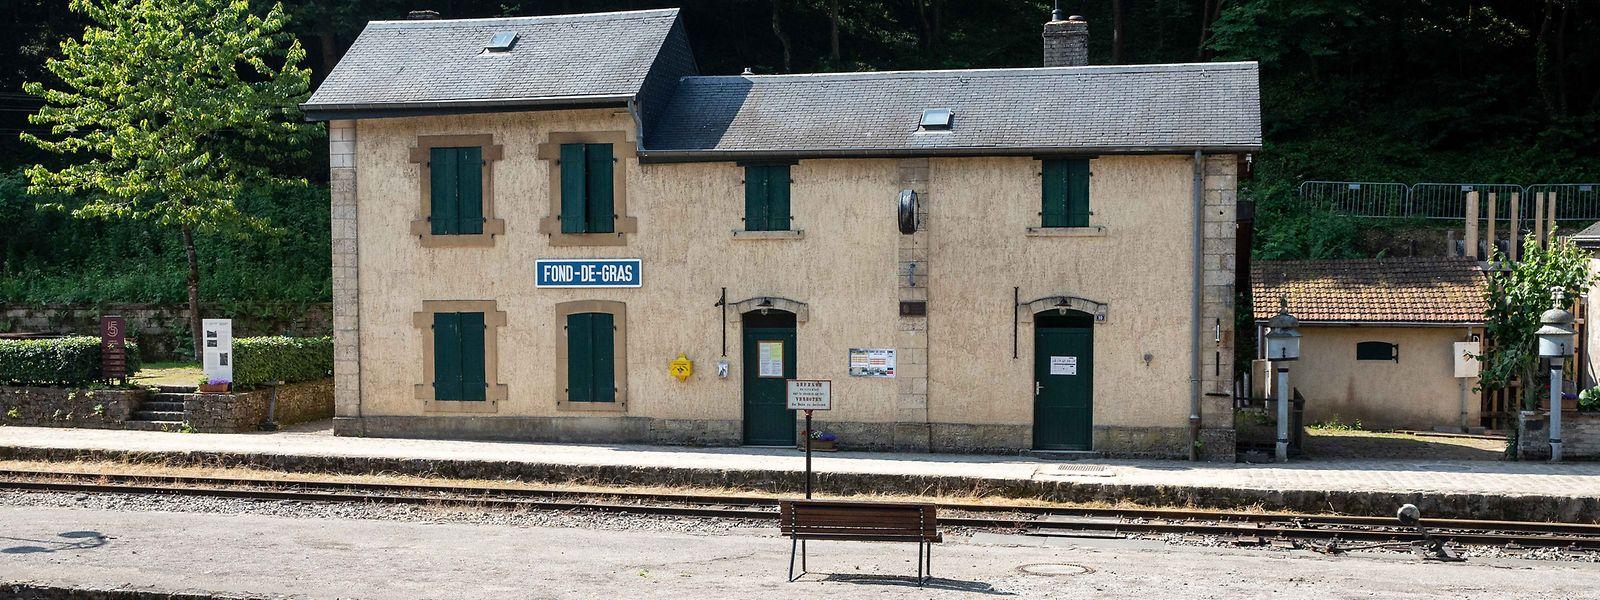 Lorsqu'il s'agit de trouver une gare et des trains historiques, le choix de Fond-de-Gras s'impose souvent.